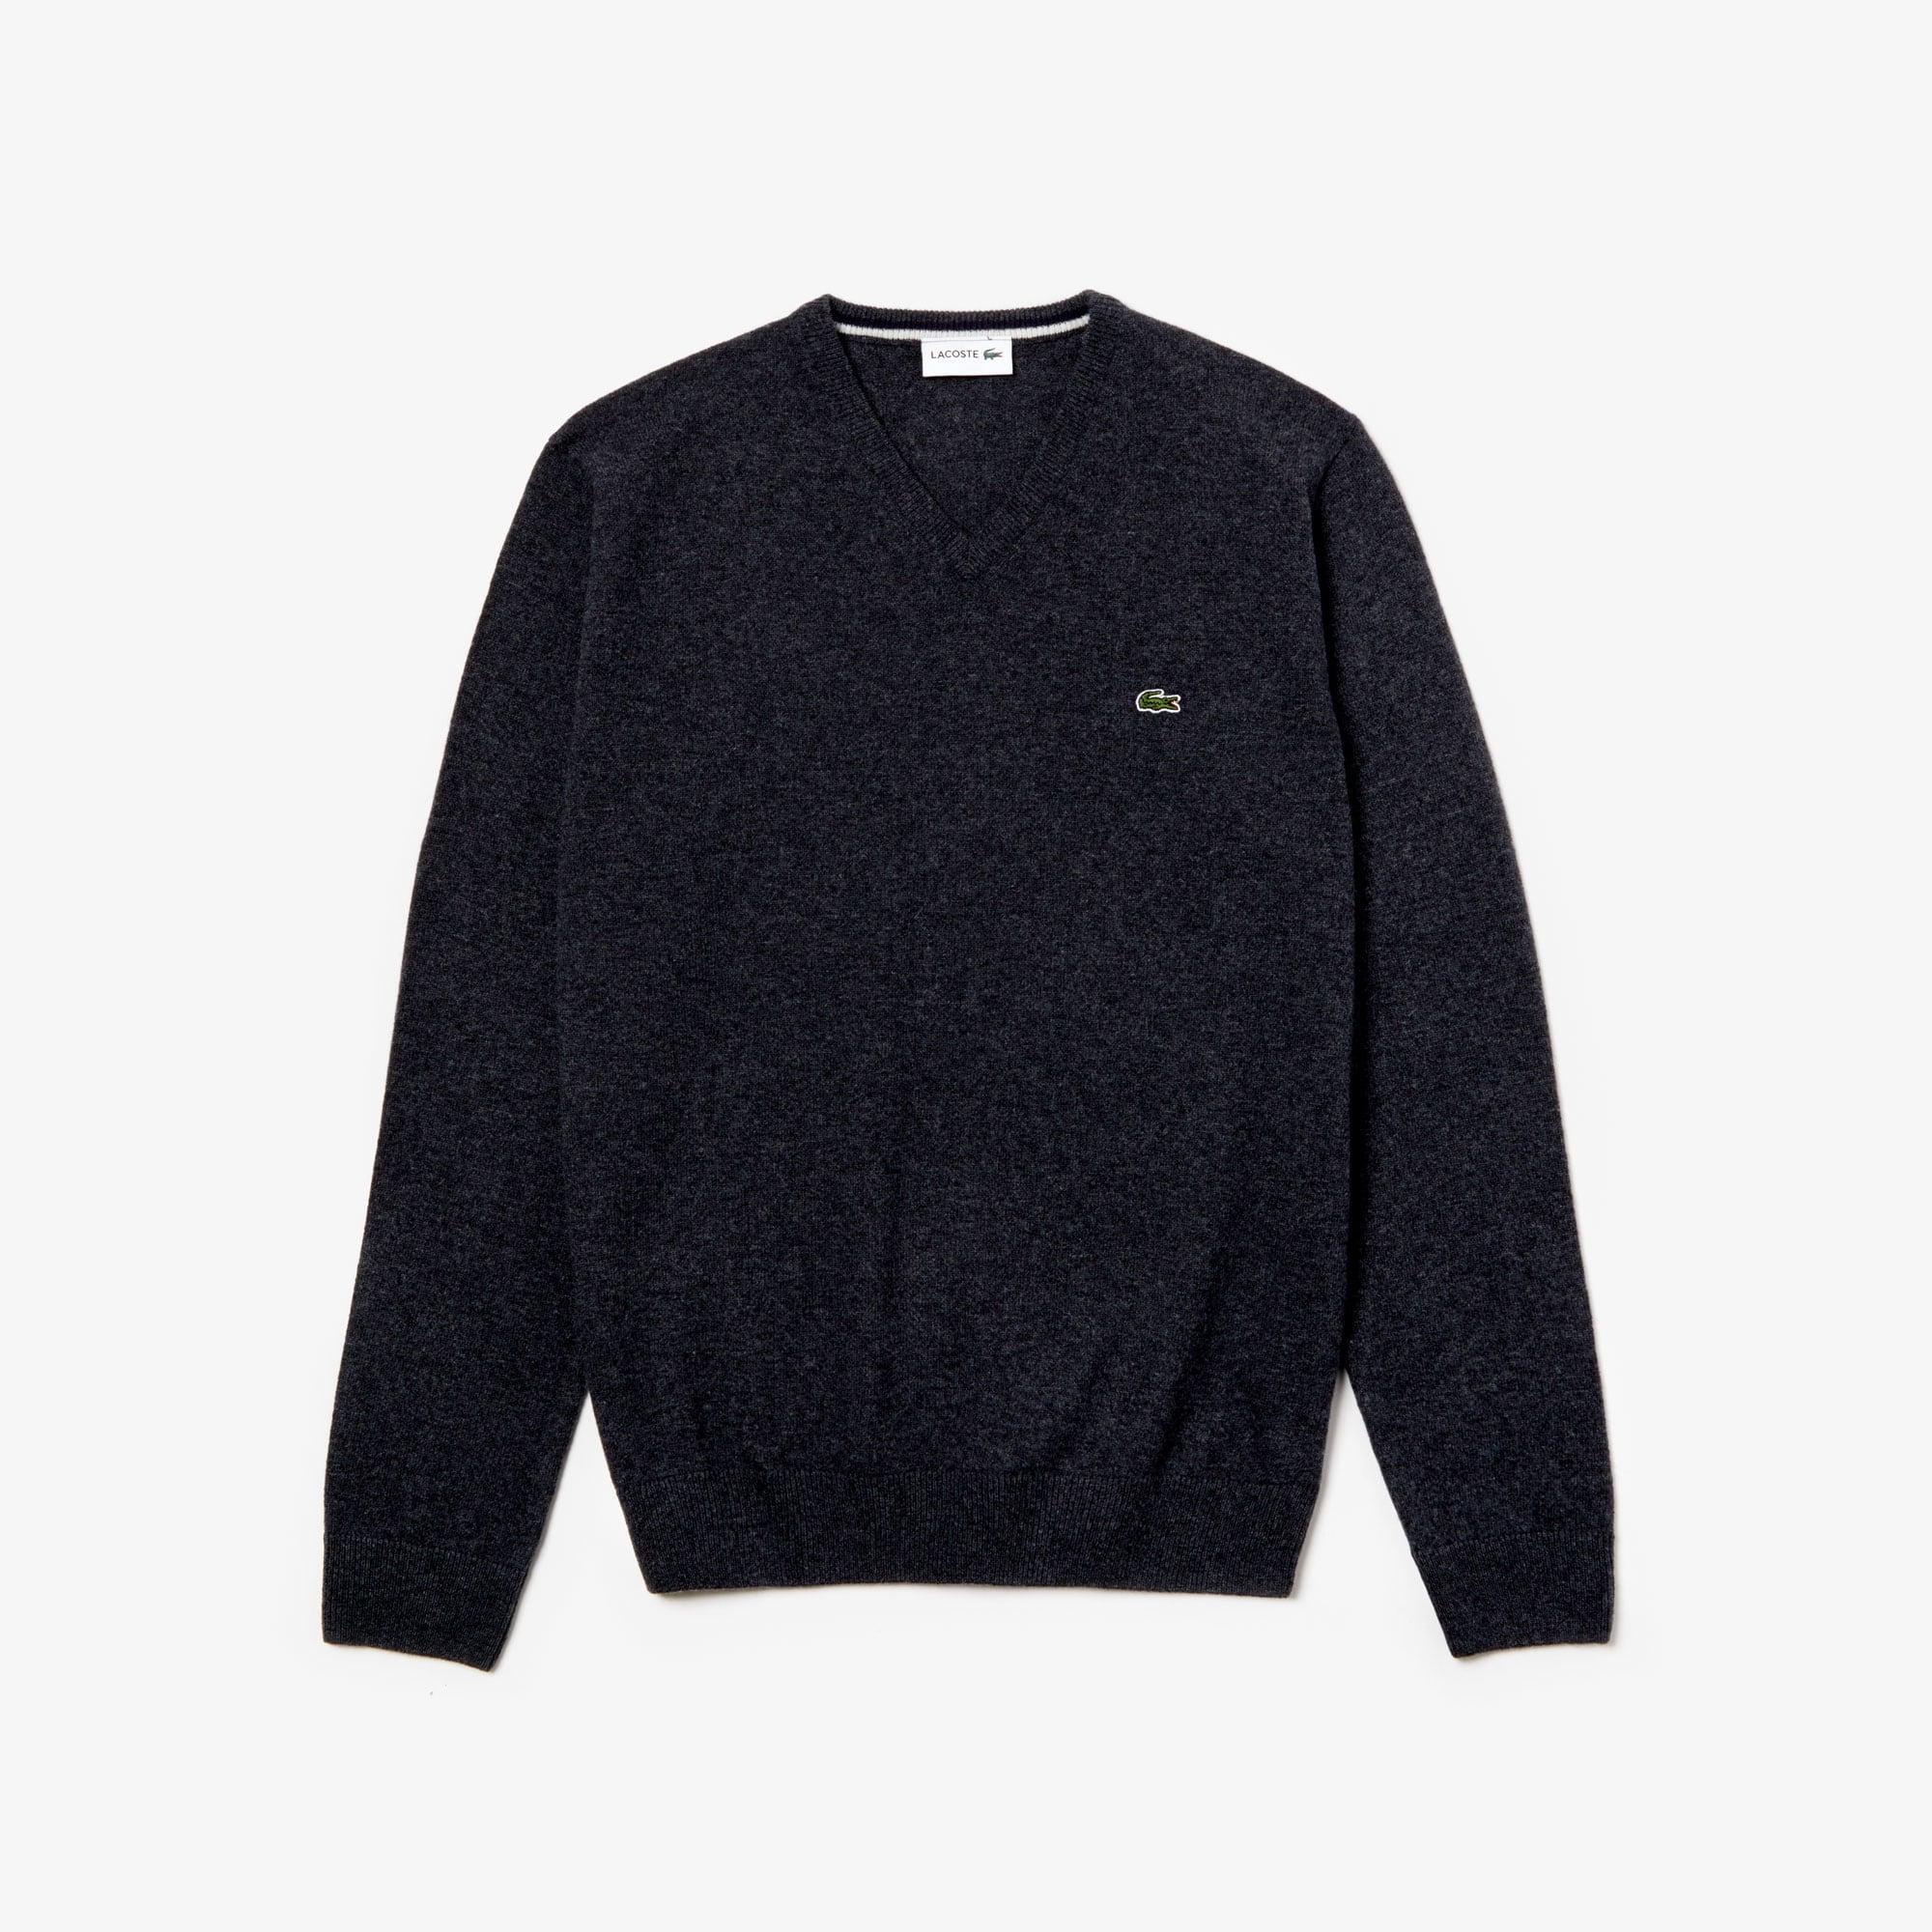 4f28f894 Jumpers - Knitwear | Men's Fashion | LACOSTE